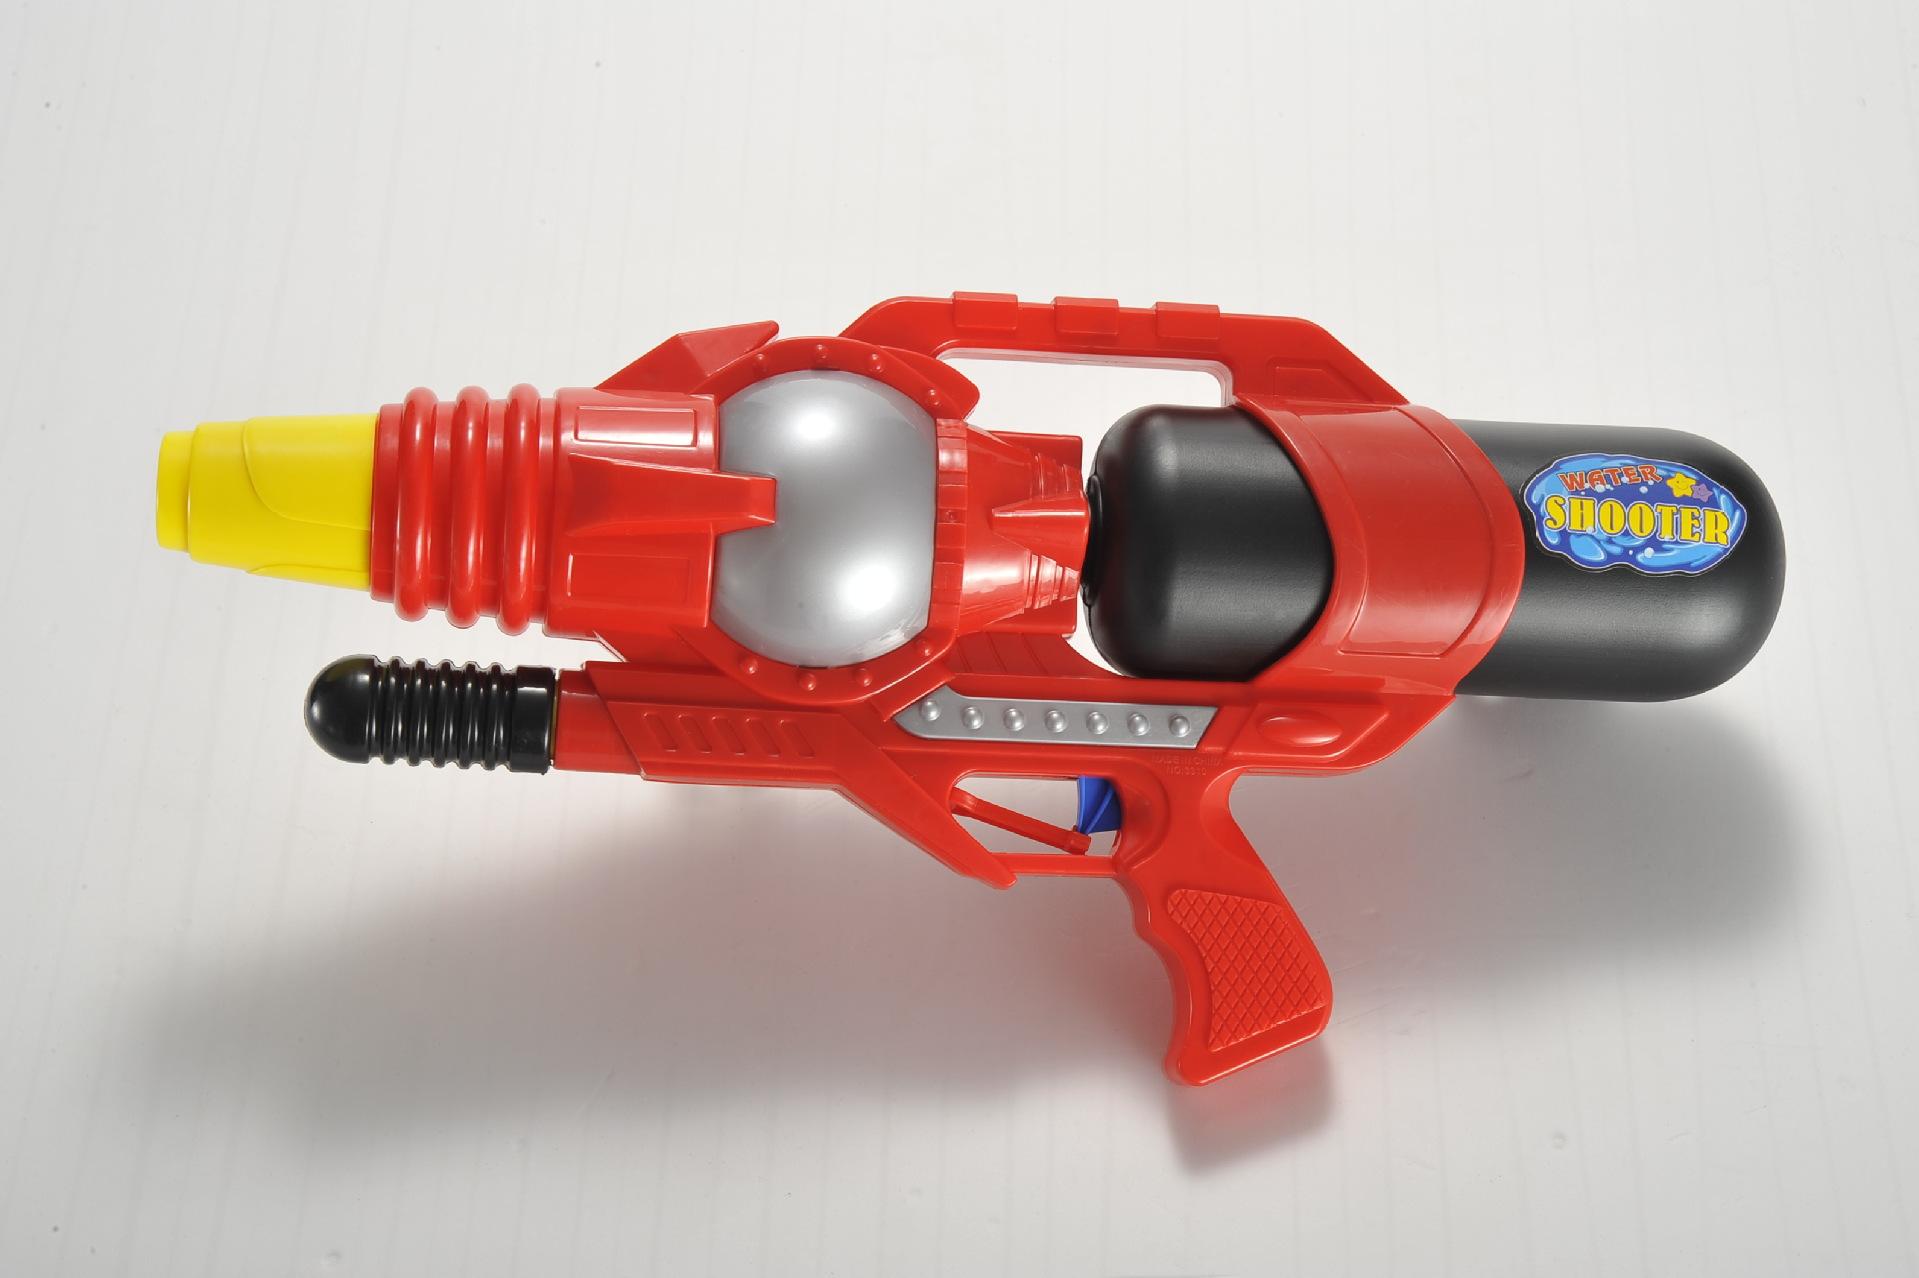 超远射程高压气压水枪玩具 儿童夏天沙滩戏水 益智亲子互动 3310